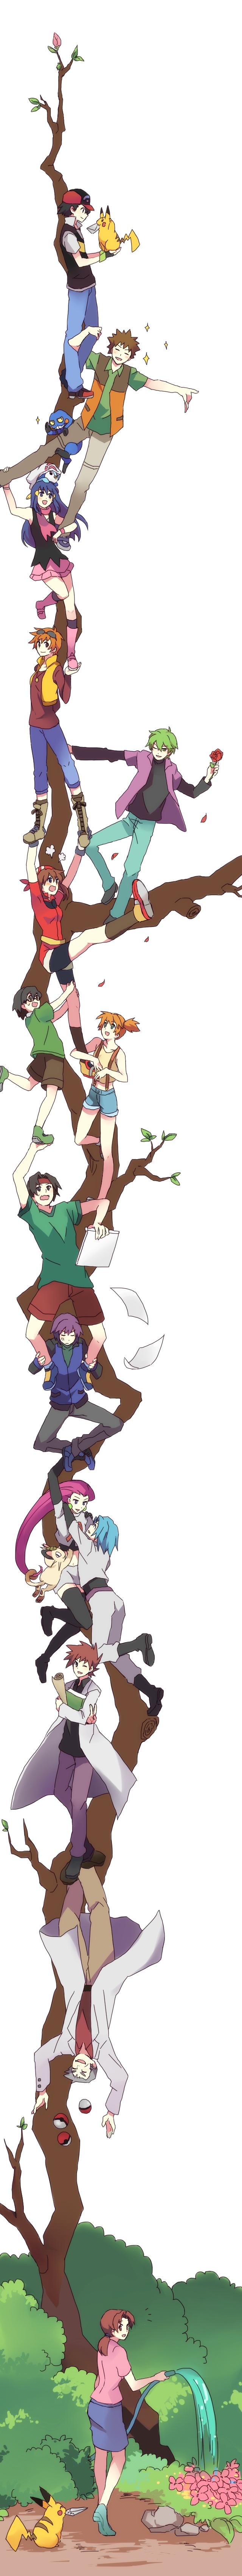 Tags: Anime, Pixiv Id 342976, Pokémon, Pikachu, Ookido Yukinari, Masato (Pokémon), Kasumi (Pokémon), Shinji (Pokémon), Green (Pokémon), Takeshi (Pokémon), Shuu (Pokémon), Nozomi (Pokémon), Haruka (Pokémon)